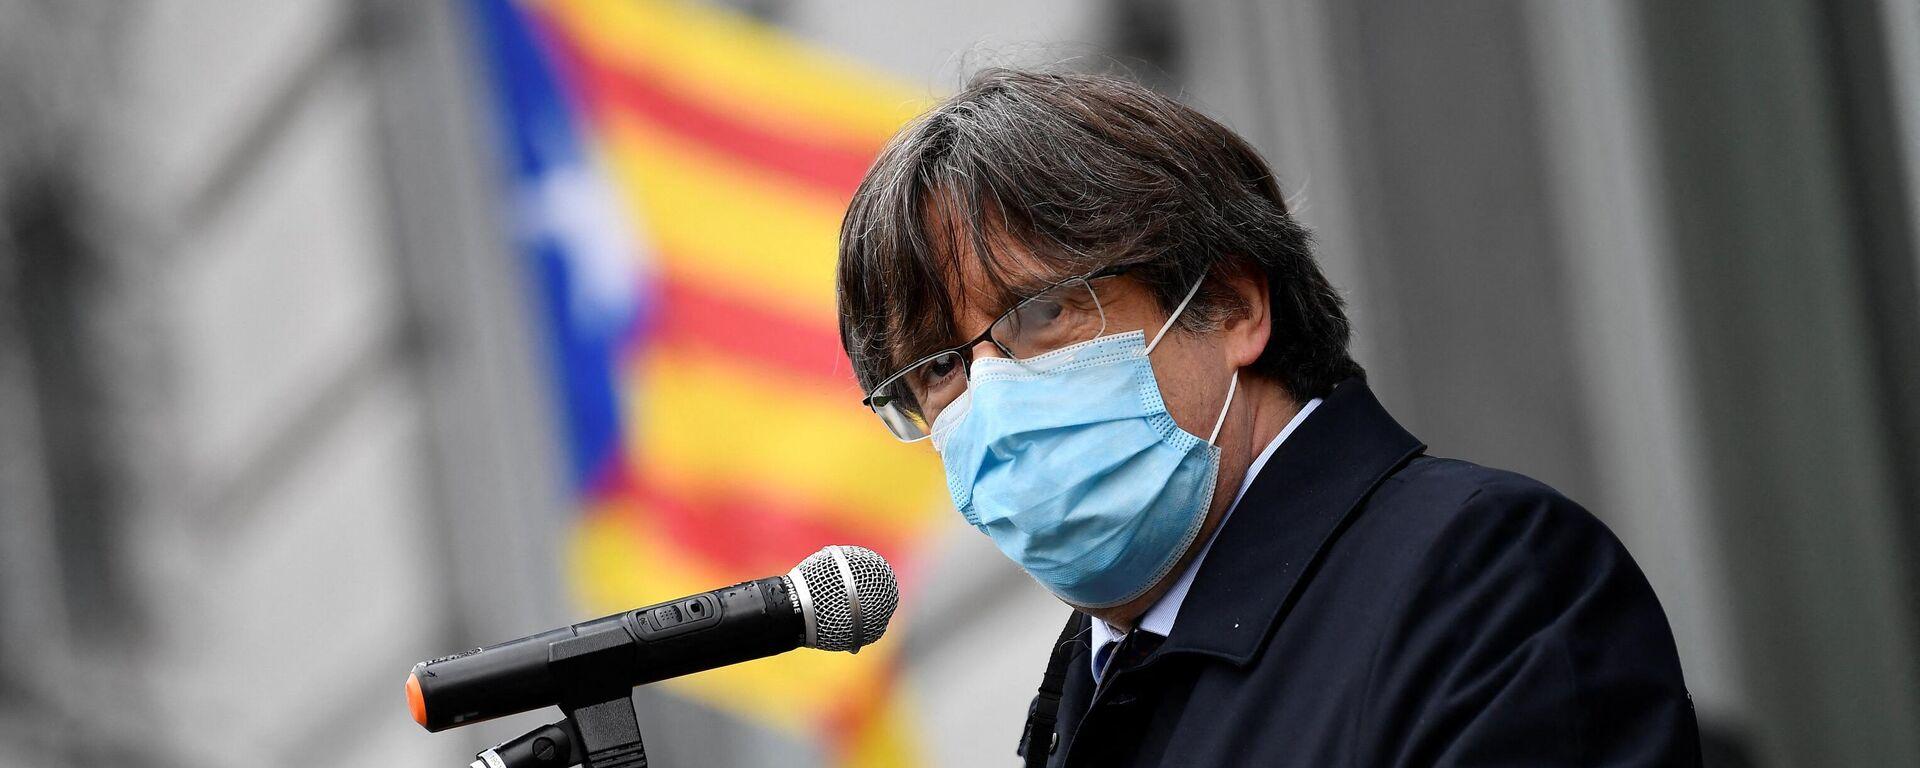 Der im Exil lebende katalanische Vorsitzende und Abgeordnete des Europäischen Parlaments, Carles Puigdemont, spricht am 9. März 2021 in Brüssel vor katalanischen Anhängern außerhalb des EU-Parlaments, nachdem das Europäische Parlament seine Immunität aufgehoben hatte. - SNA, 1920, 18.05.2021